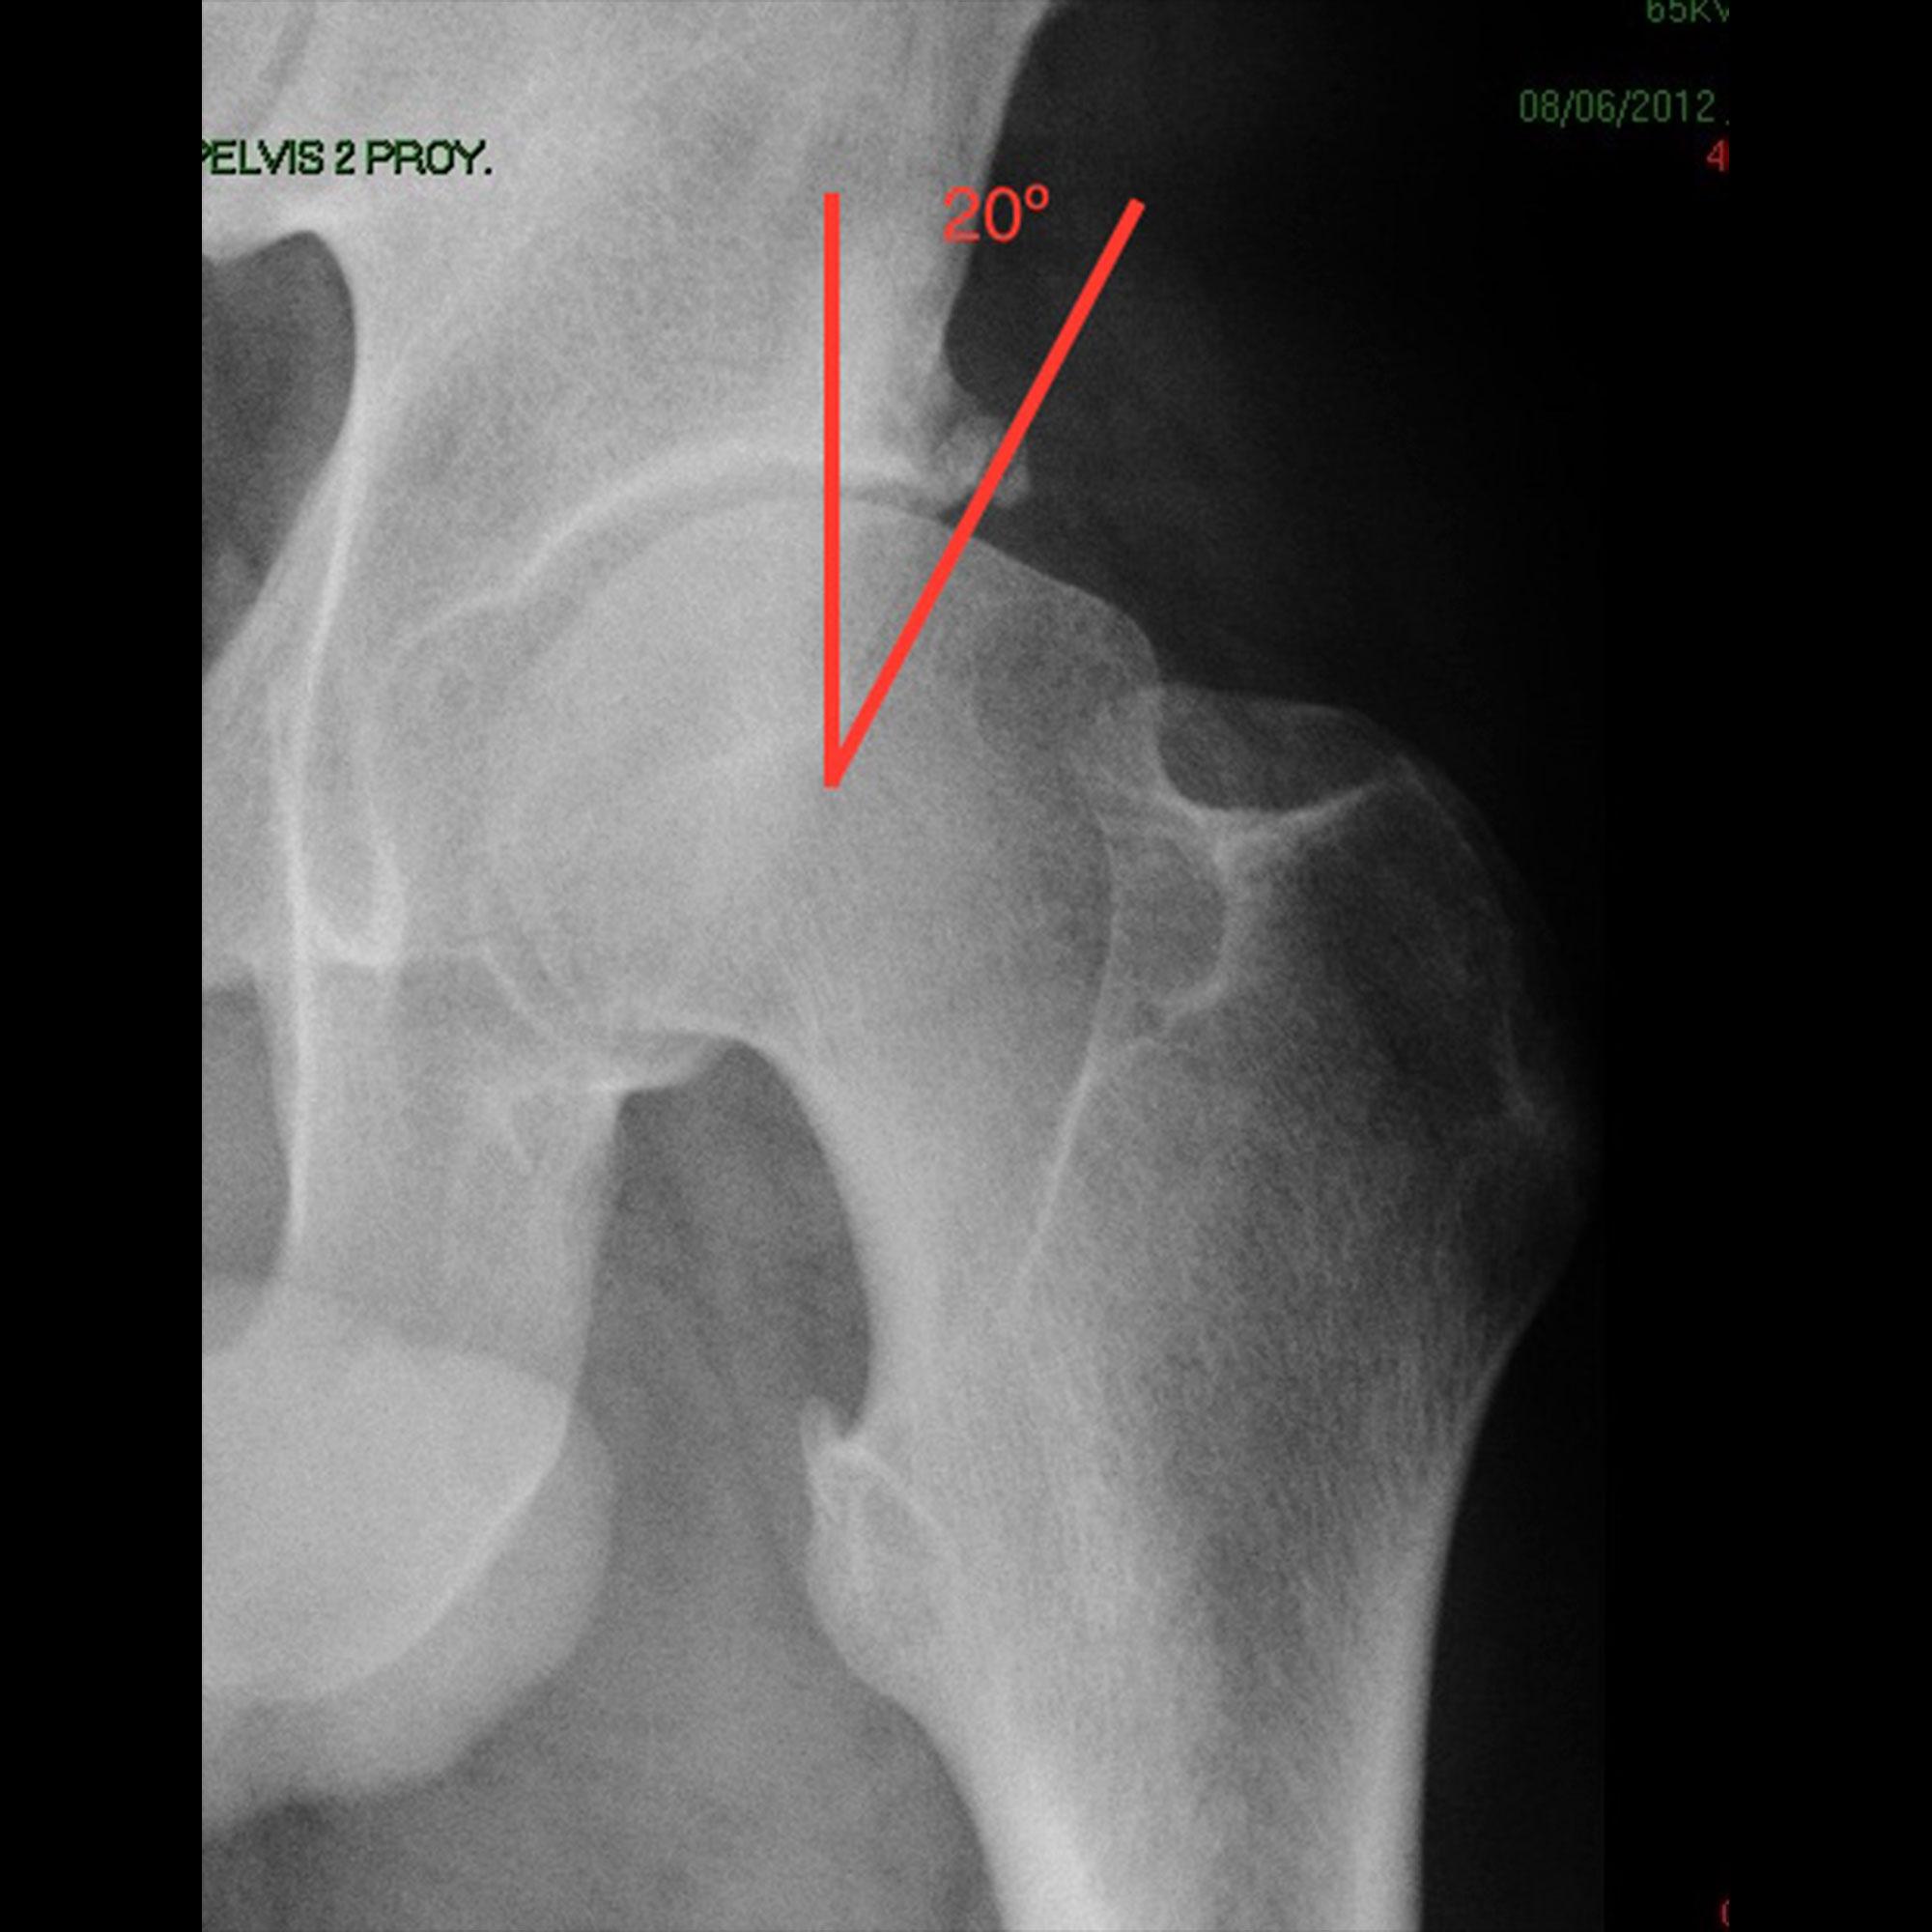 Radiografía con imagen de displasia de cadera por falta de cobertura acetabular